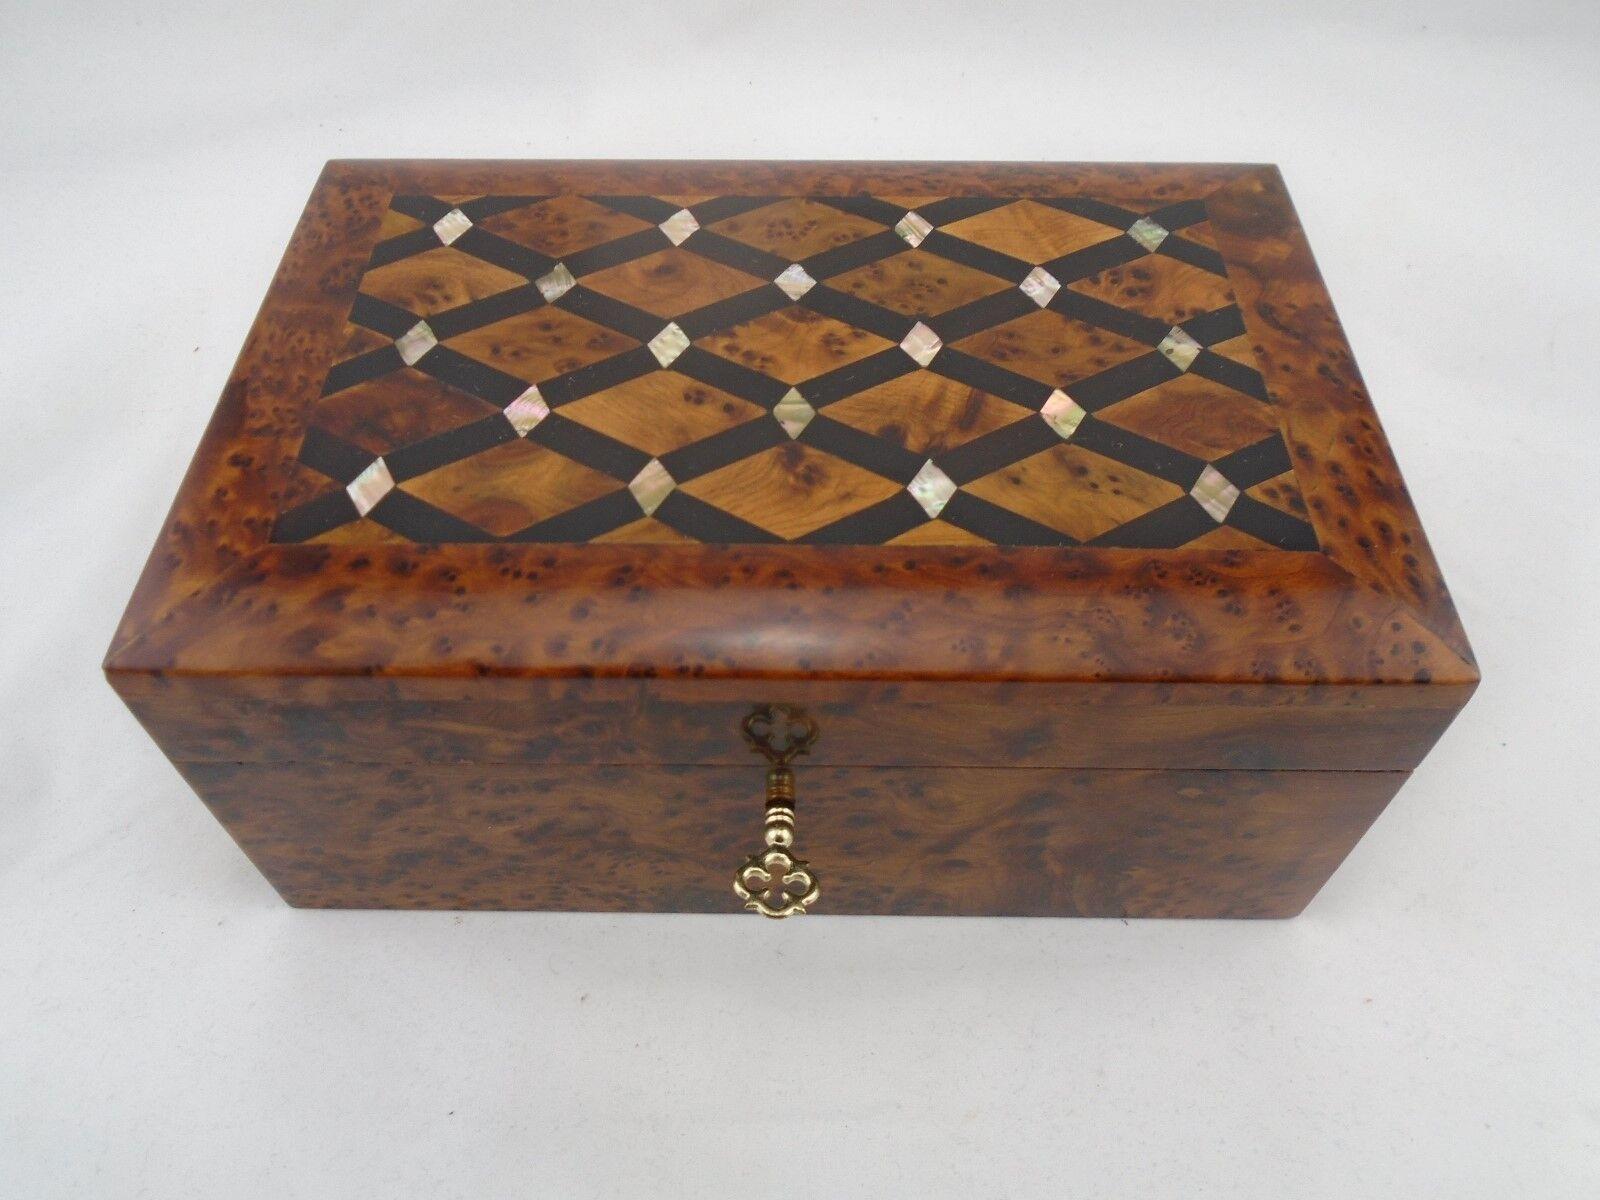 Magia di Detenzione Thuja cassetta in legno con ornamento Perlmut Marocco  20x13x9,5cm